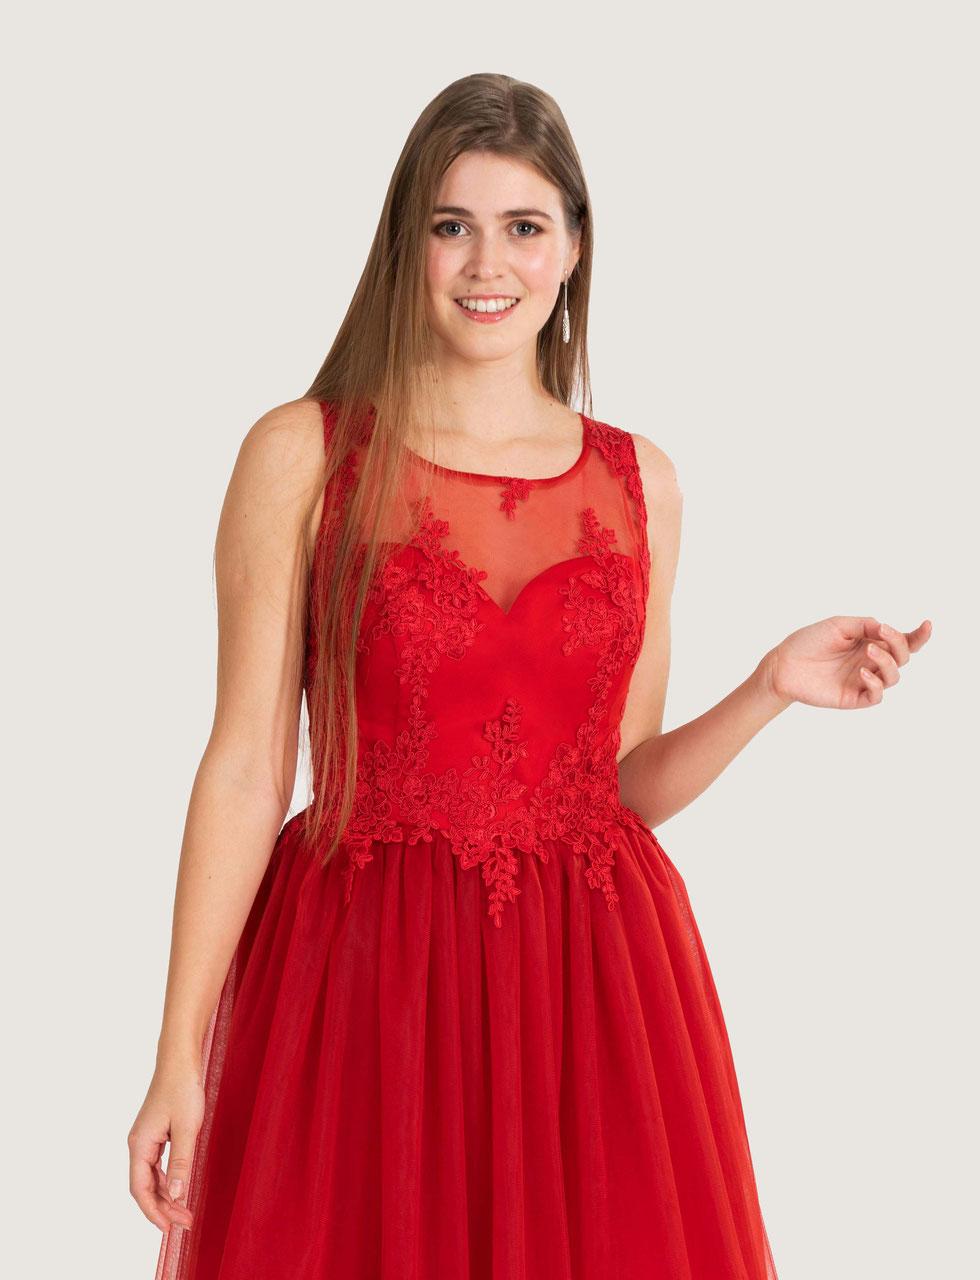 Rotes Ballkleid nach Maß ganz einfach online bestellen ...